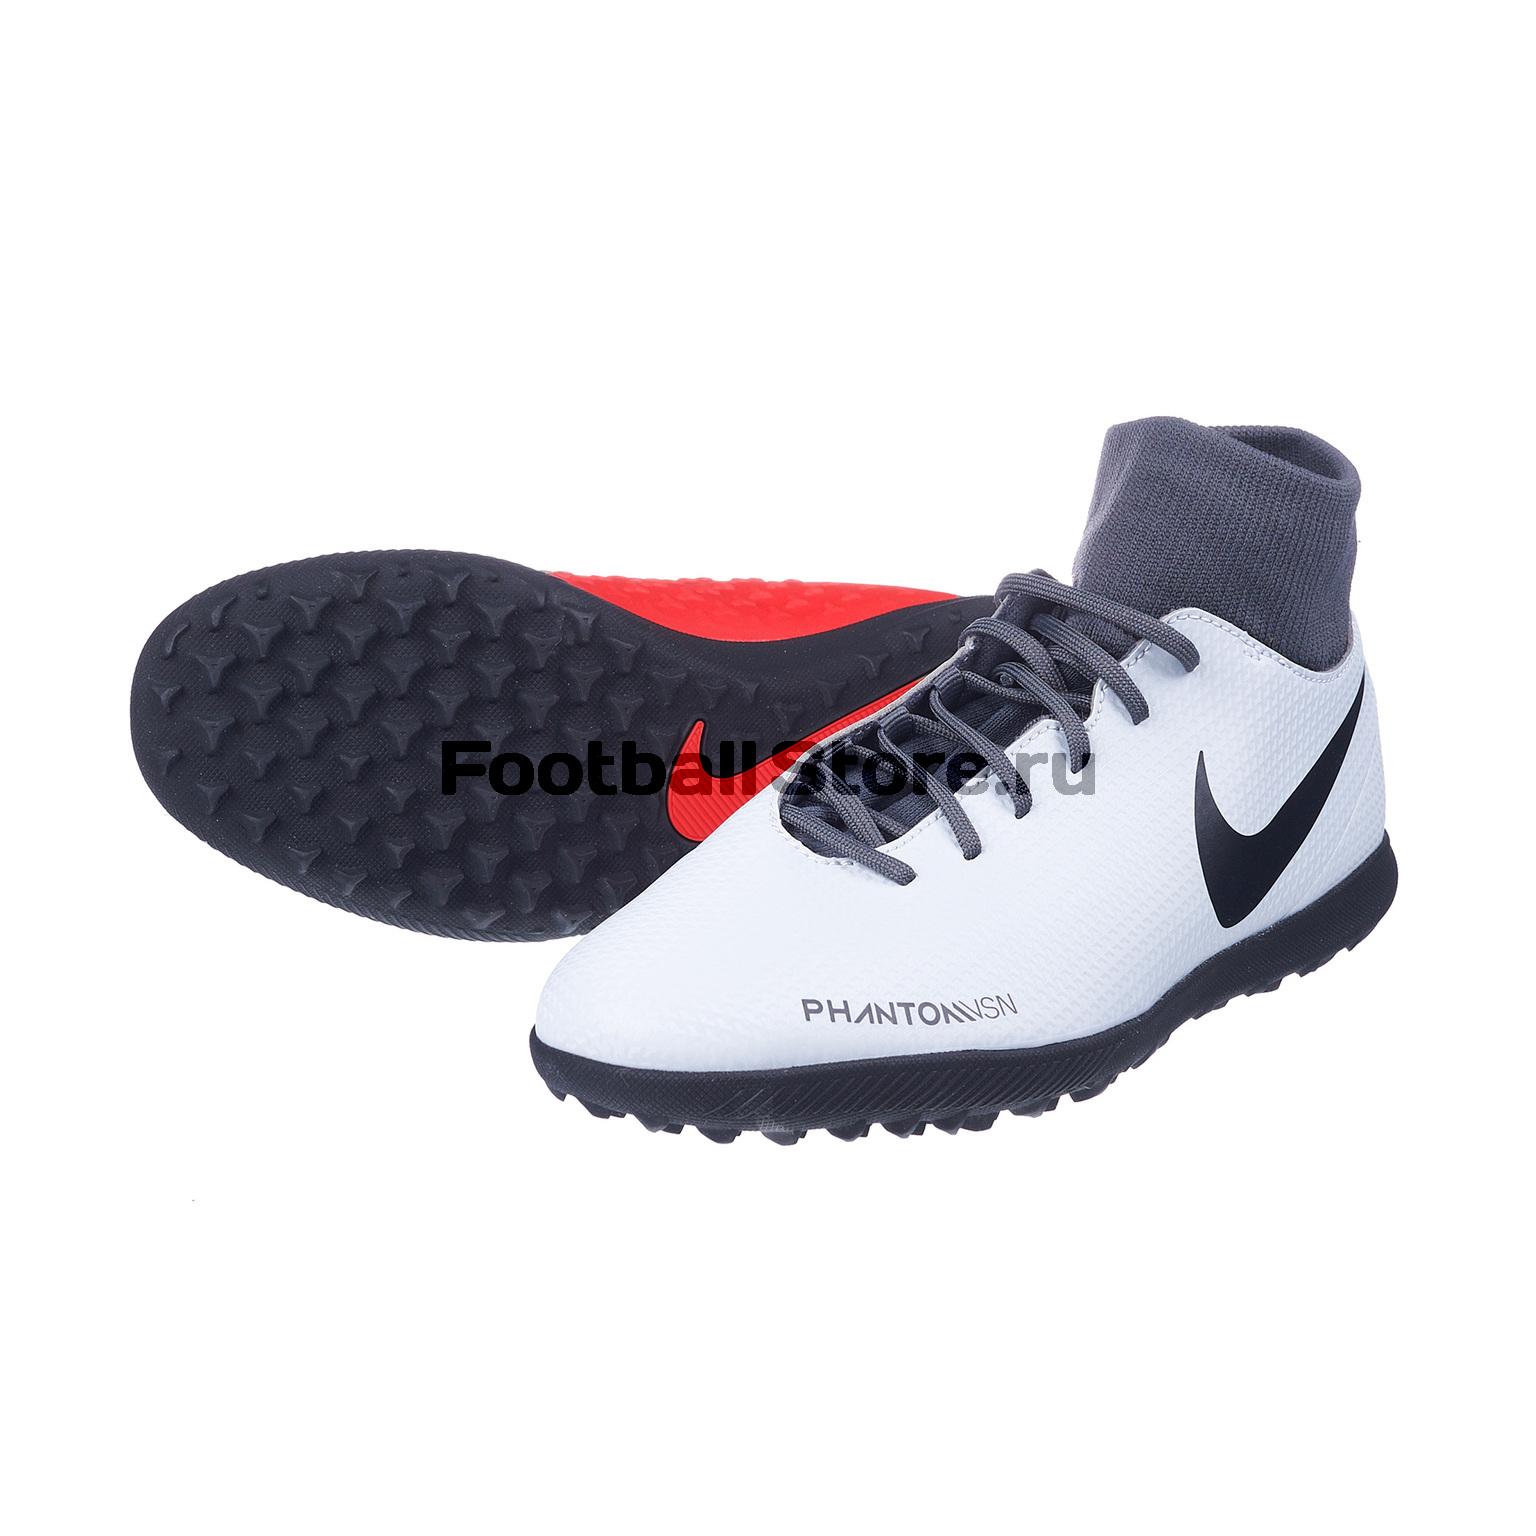 Шиповки Nike Phantom Vision Club DF TF AO3273-060 шиповки nike lunar legendx 7 pro tf ah7249 080